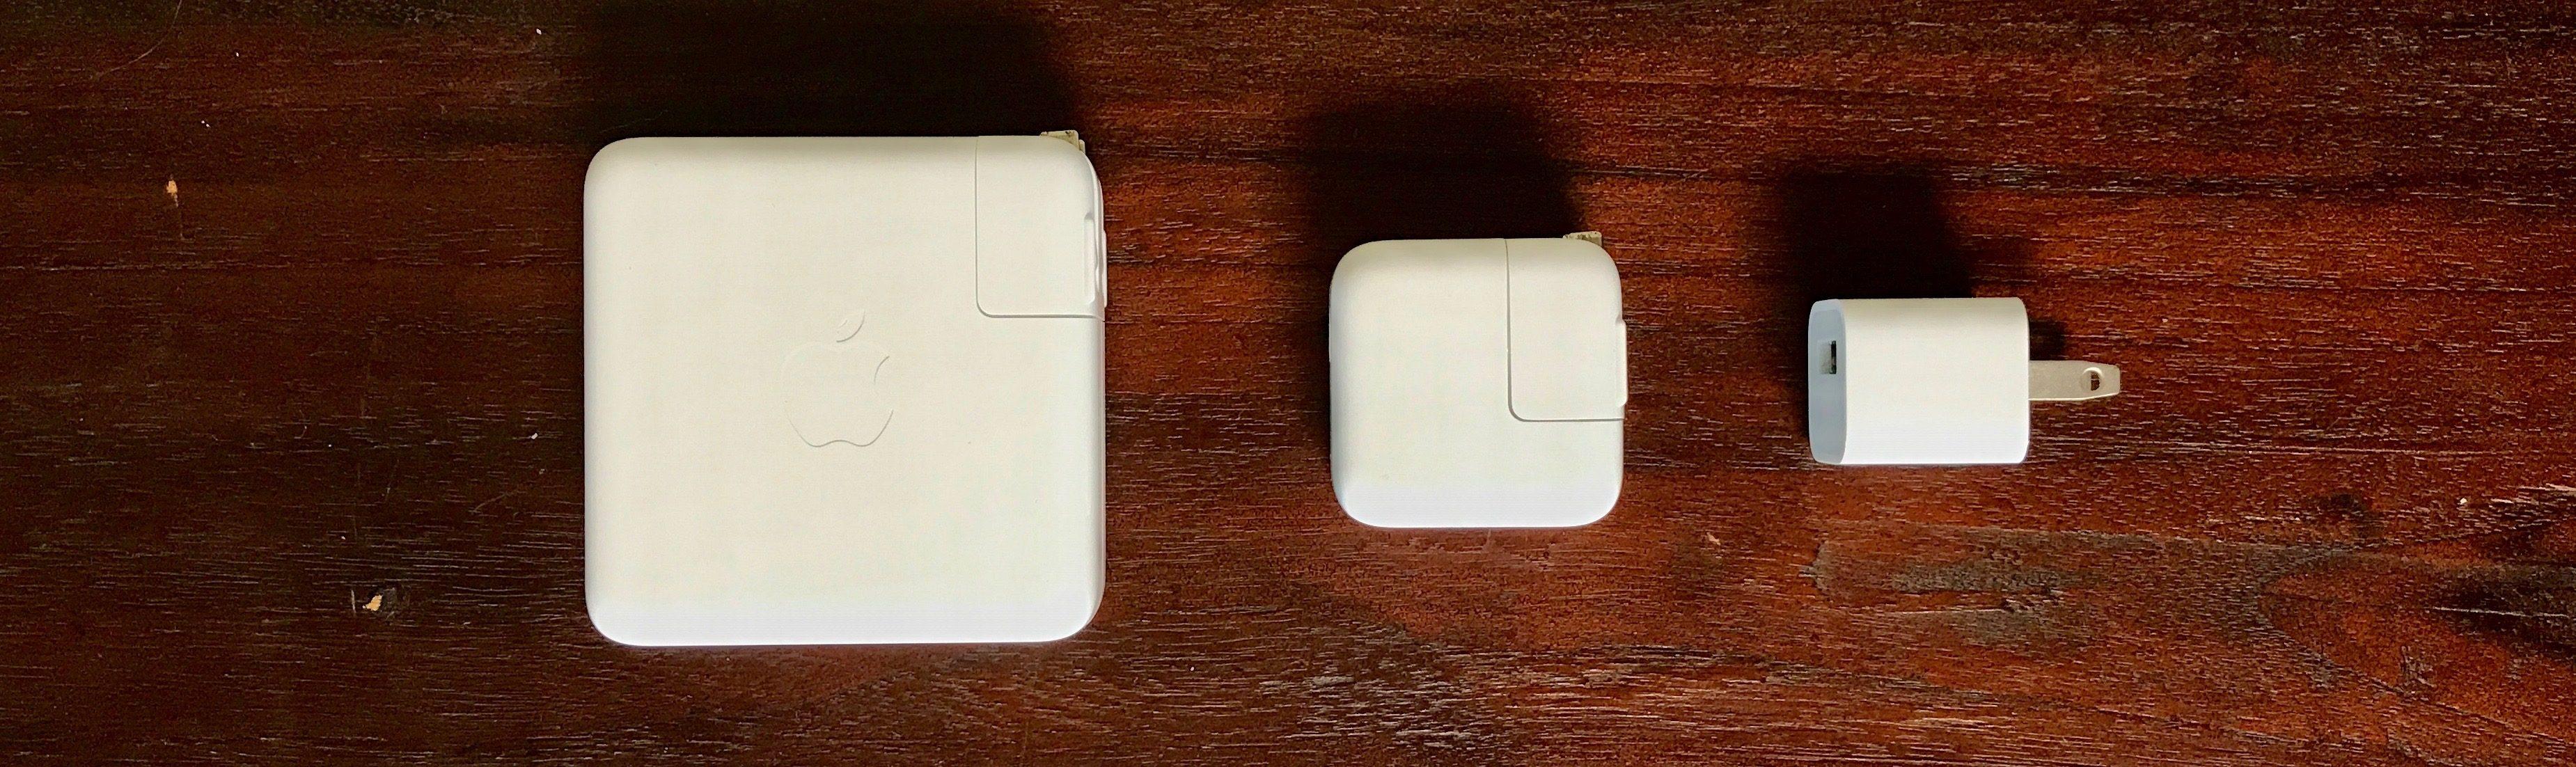 """<span href=""""https://9to5mac.com/2017/04/28/how-to-charge-your-ipad-faster/"""">¿Cómo cargar su iPad más rápido</a>"""